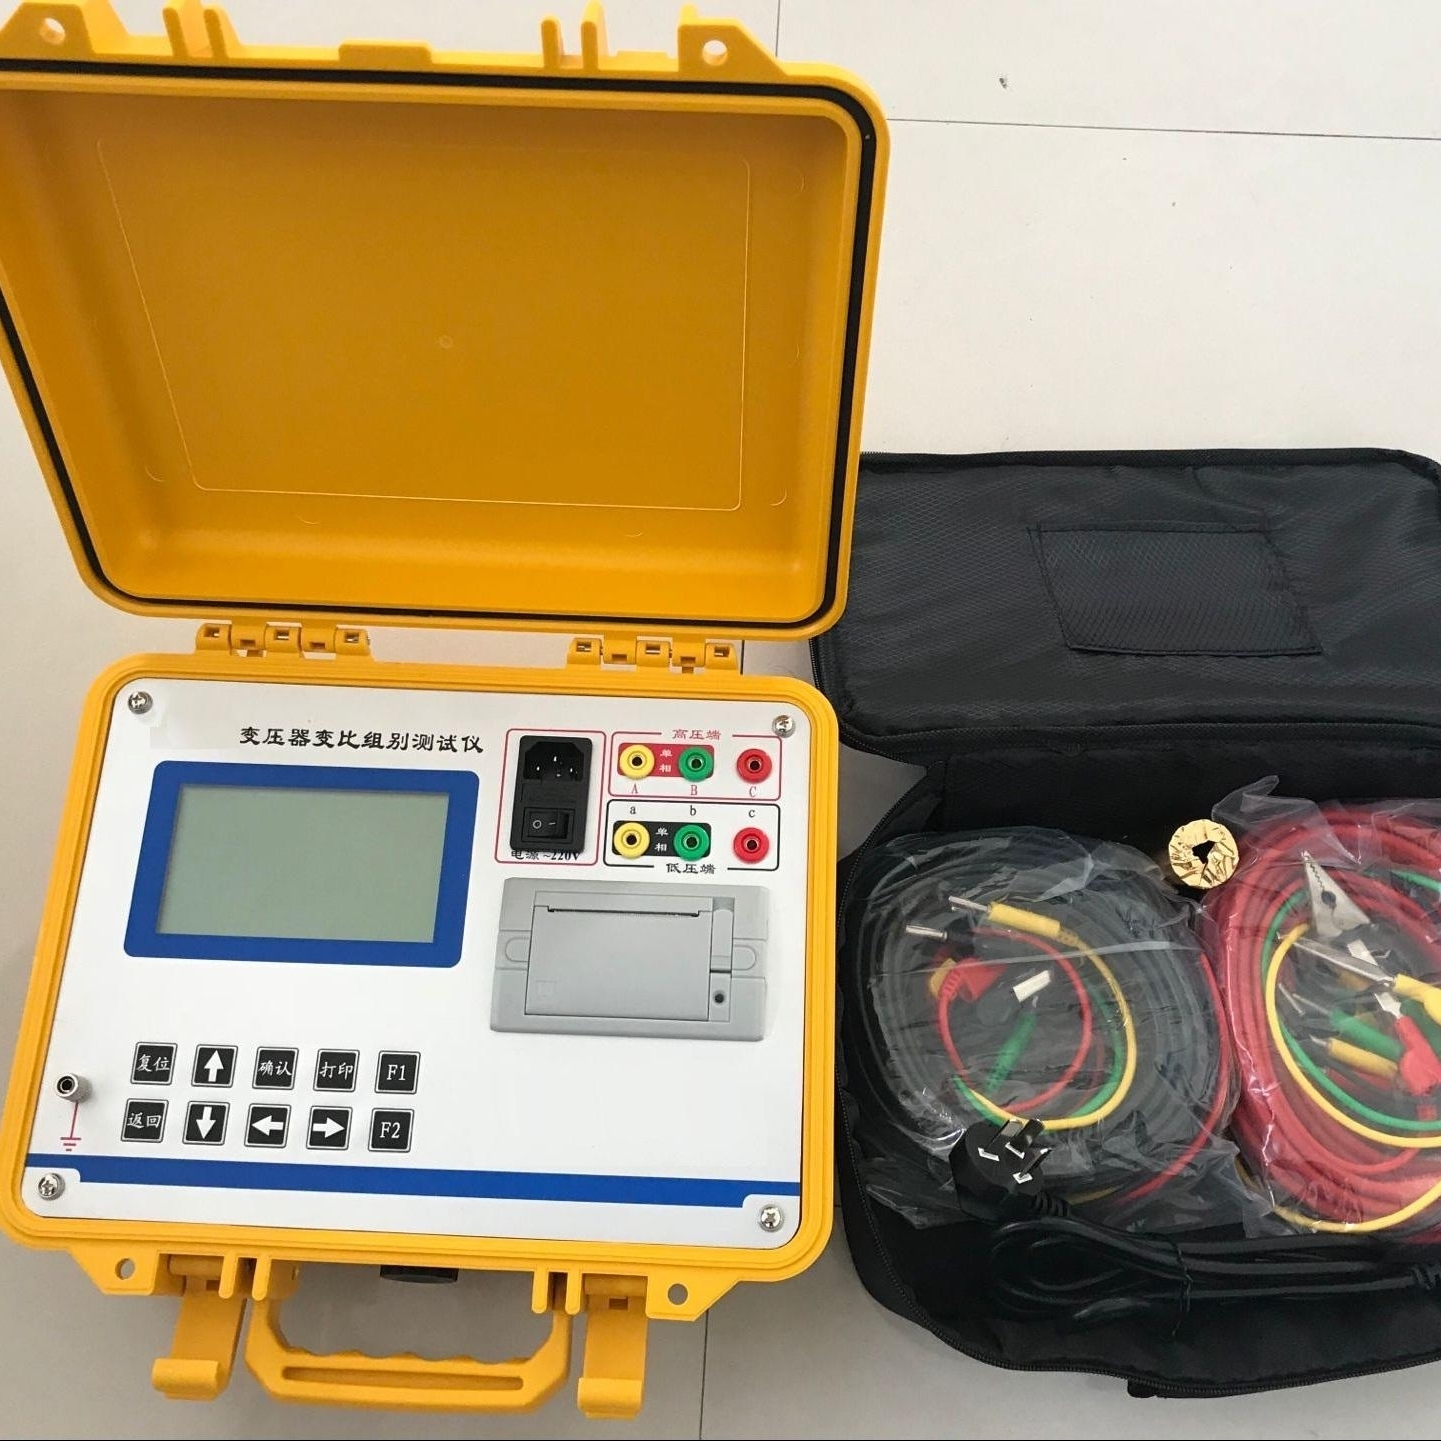 江苏省全自动变比测试仪厂家生产